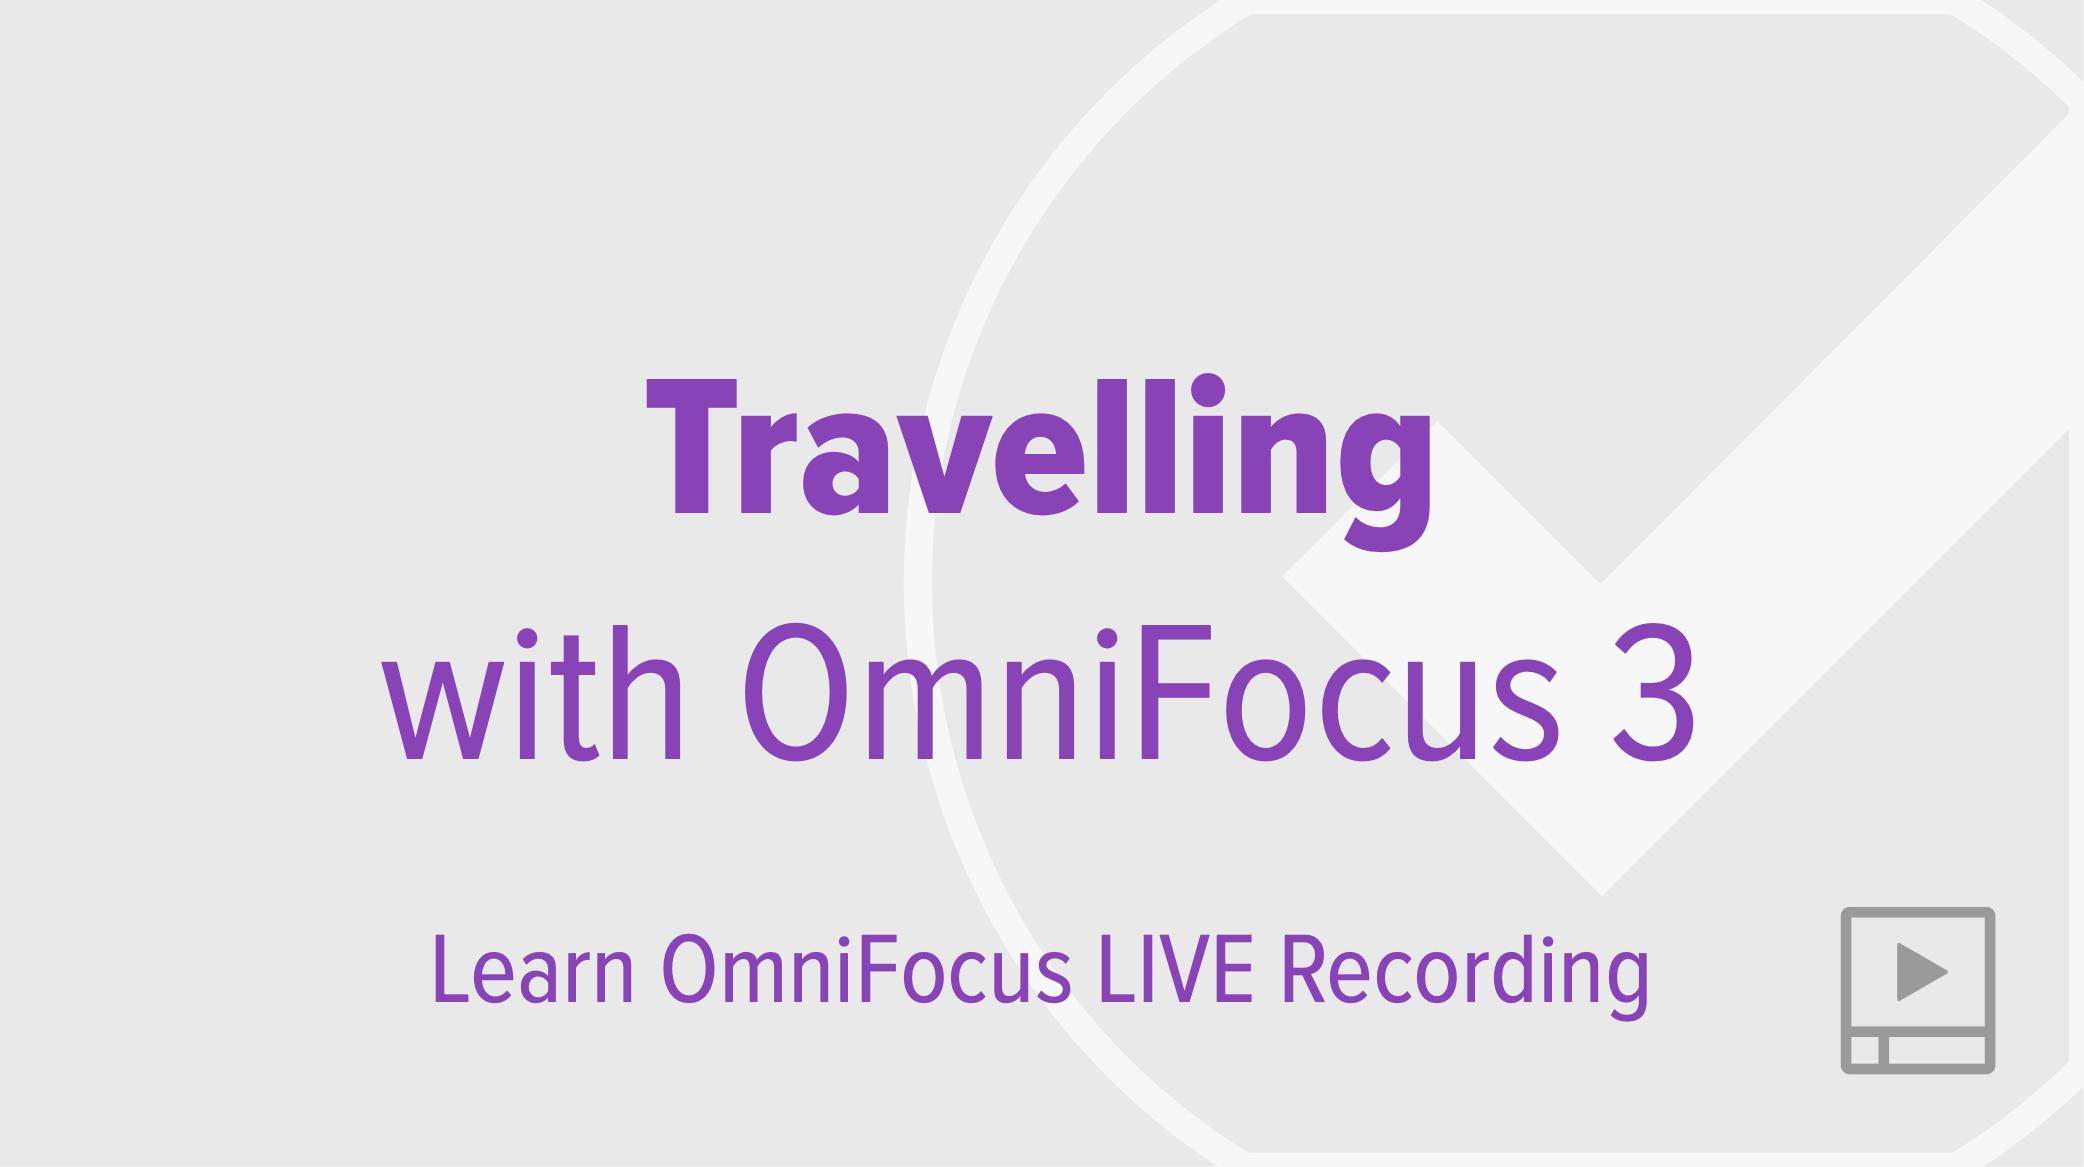 Travelling with OmniFocus 3